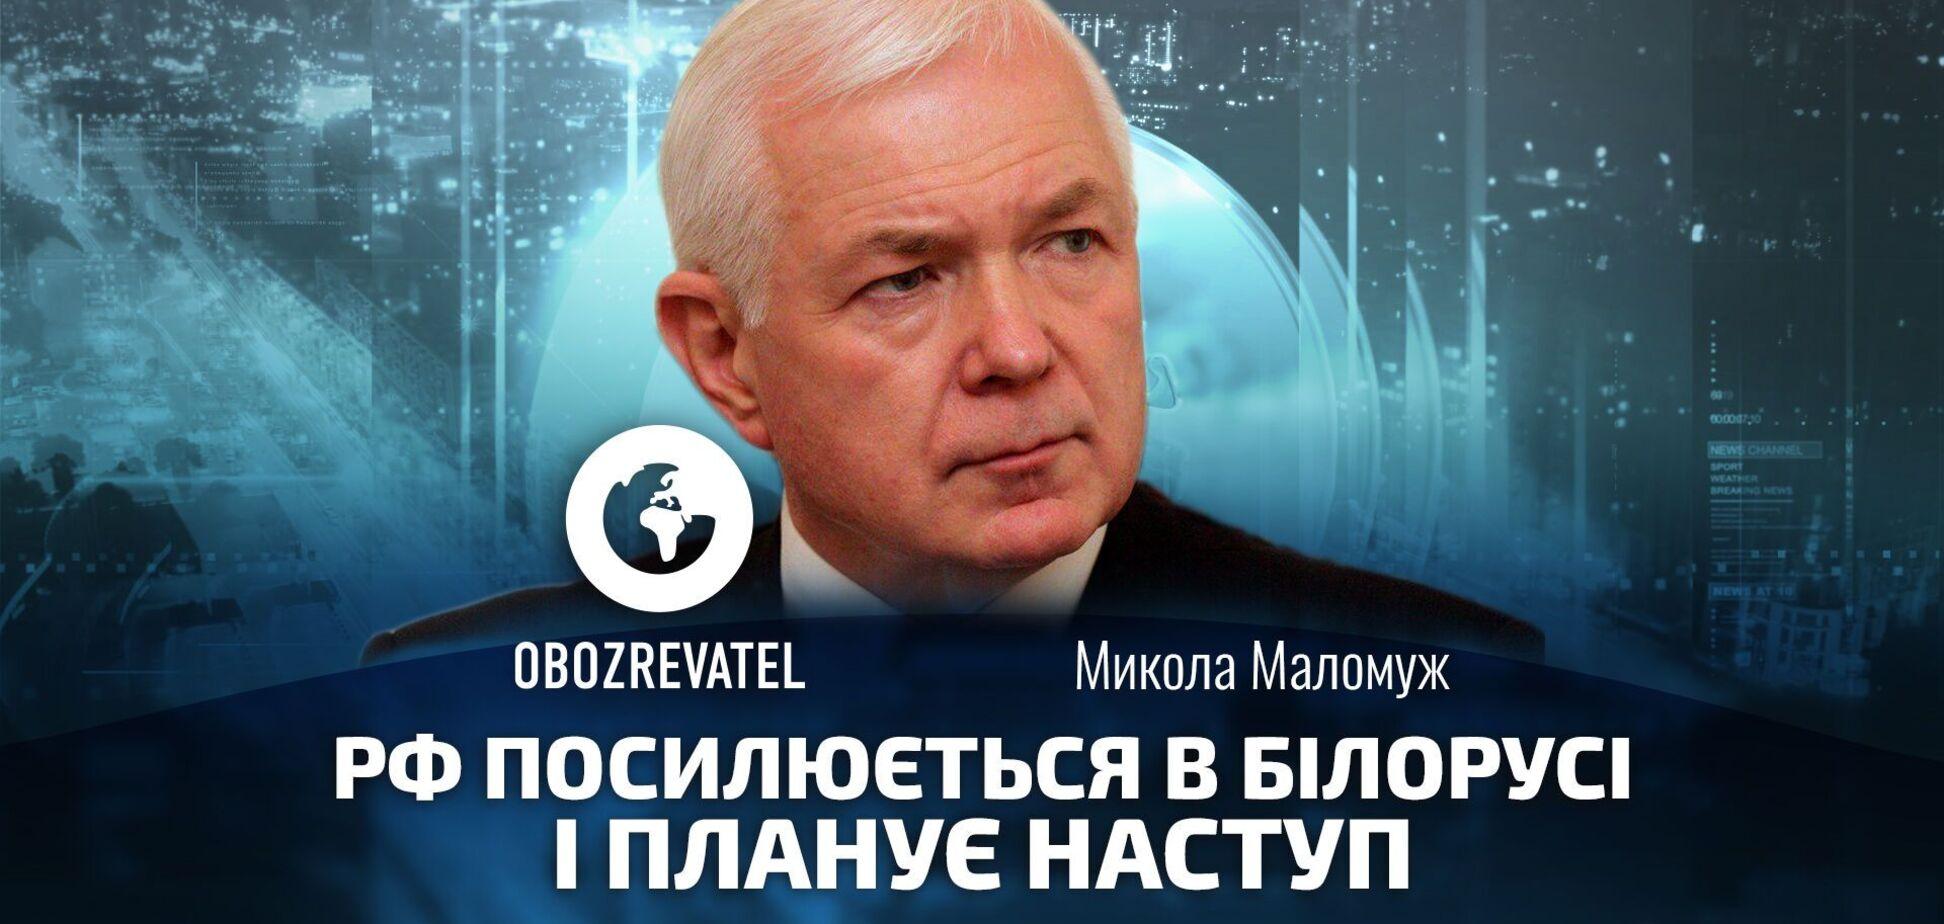 Маломуж: РФ усиливается в Беларуси и планирует наступление